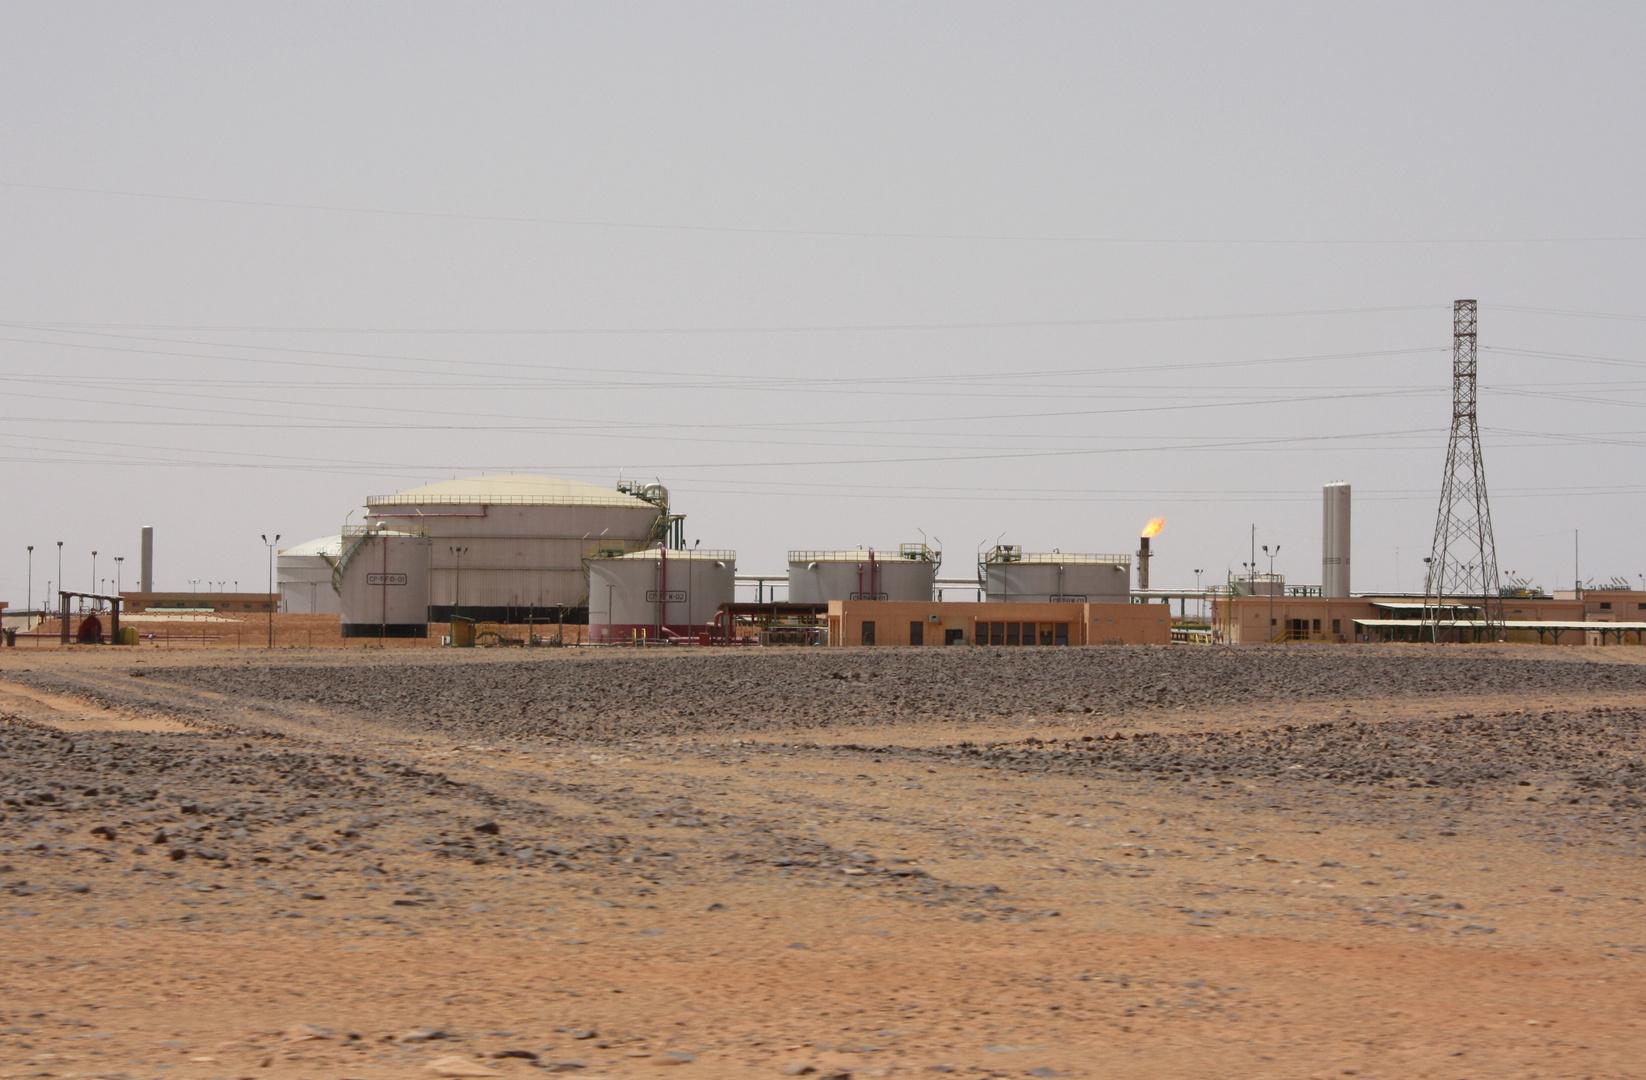 ليبيا تستعد لتشغيل المرحلة الثانية من حقل الفارغ للغاز